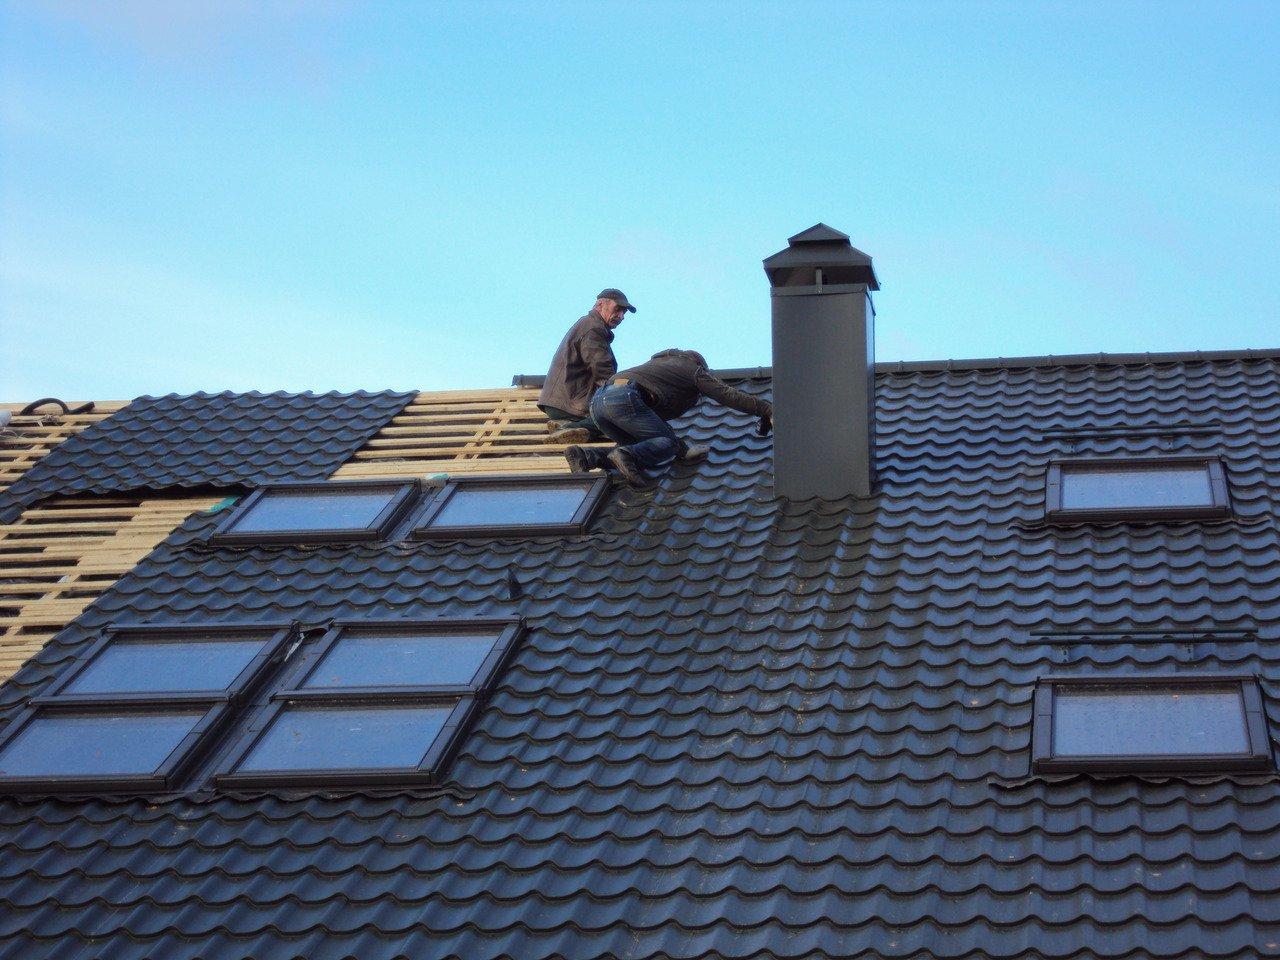 Знания о том, как укладывать профнастил на крышу, позволят на многие годы забыть про ремонт кровли